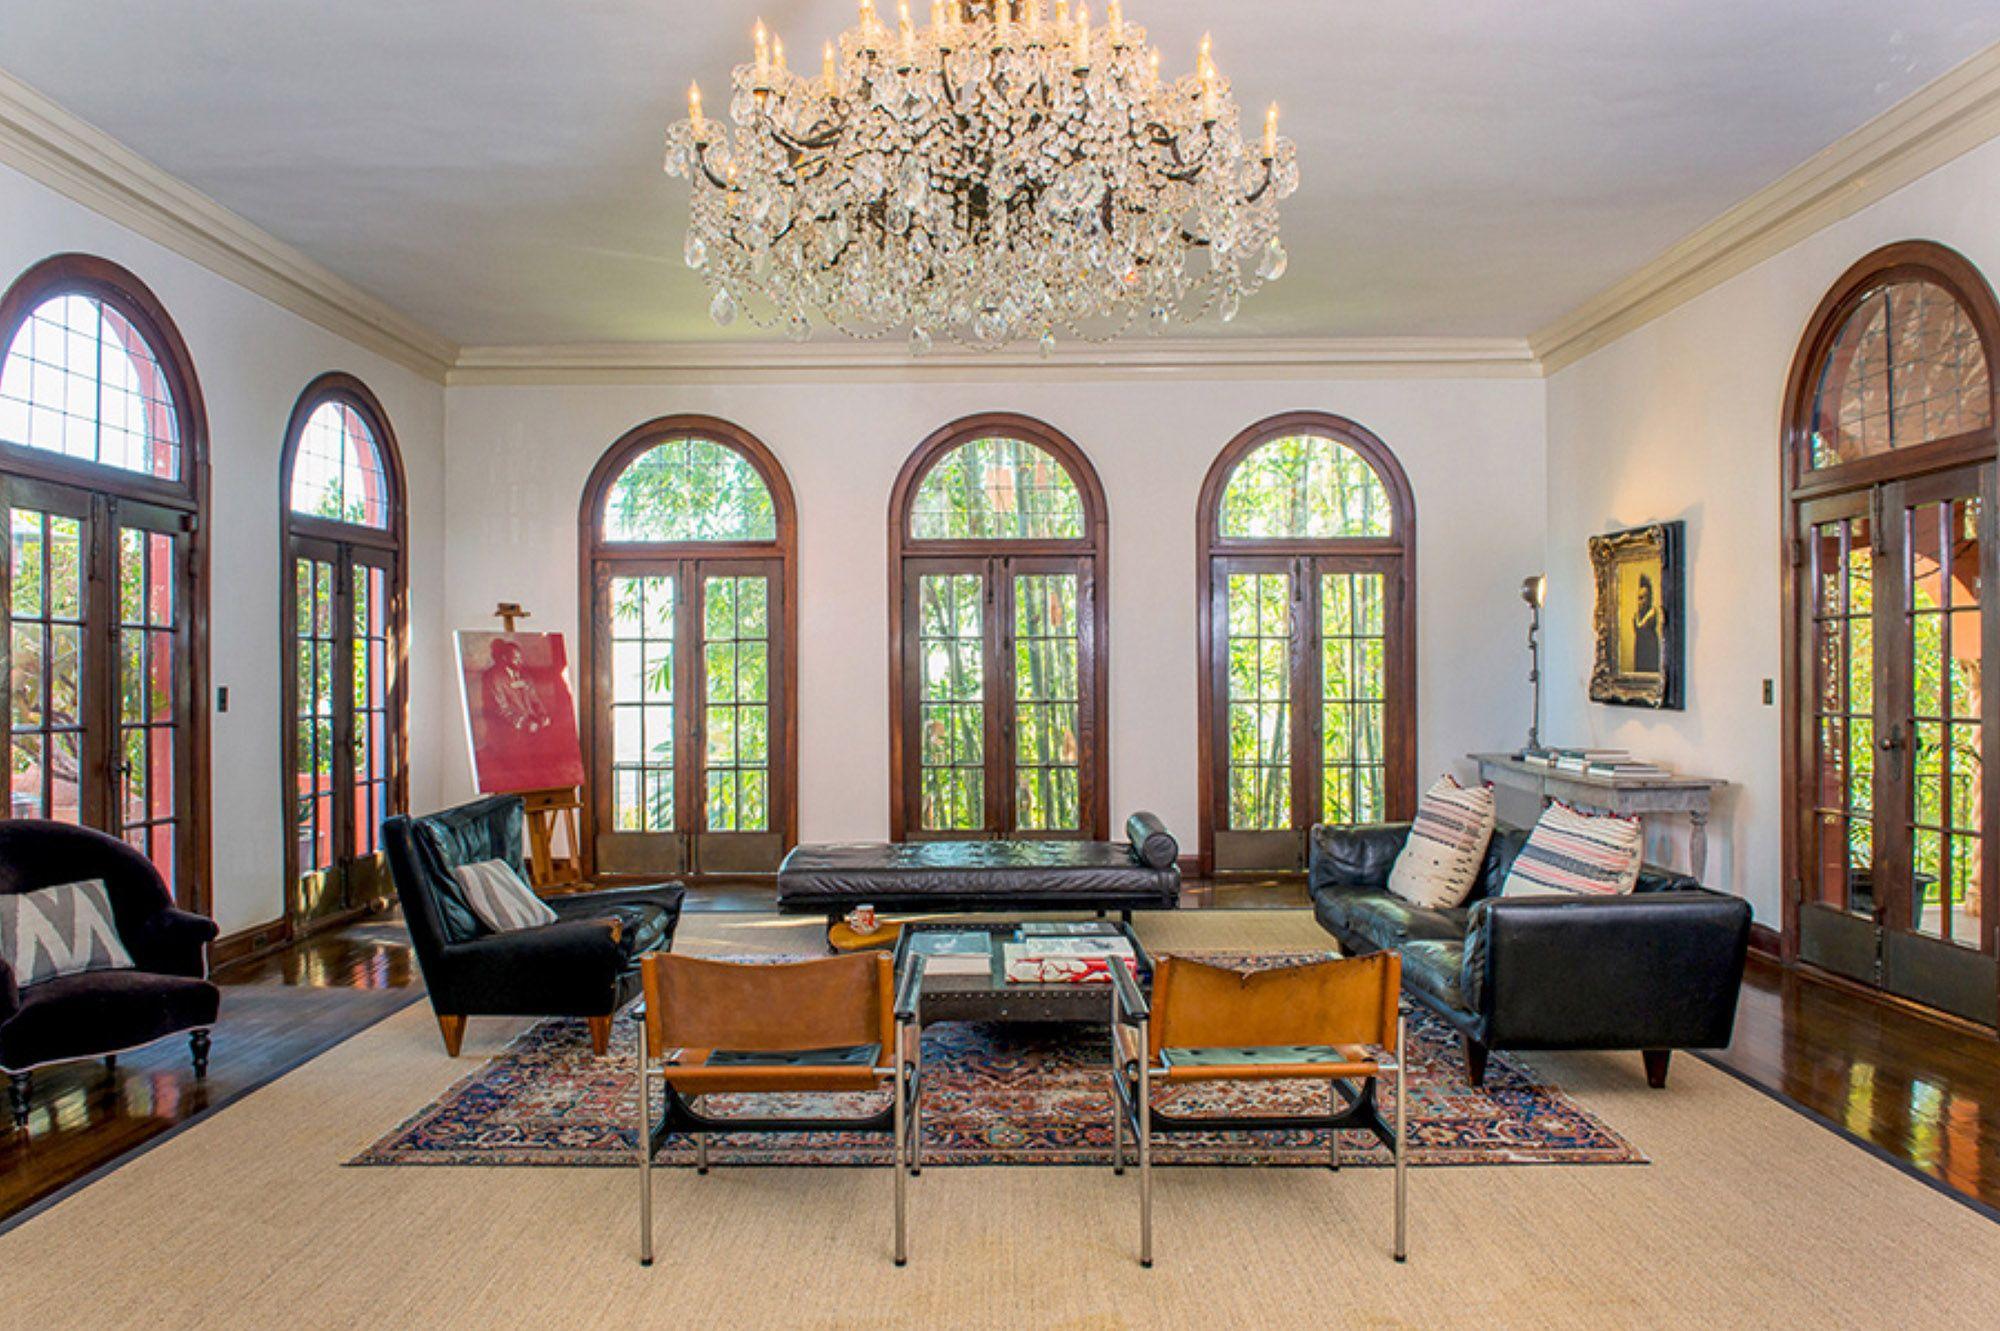 Romanek Design Studio With Images Studio Interior Design